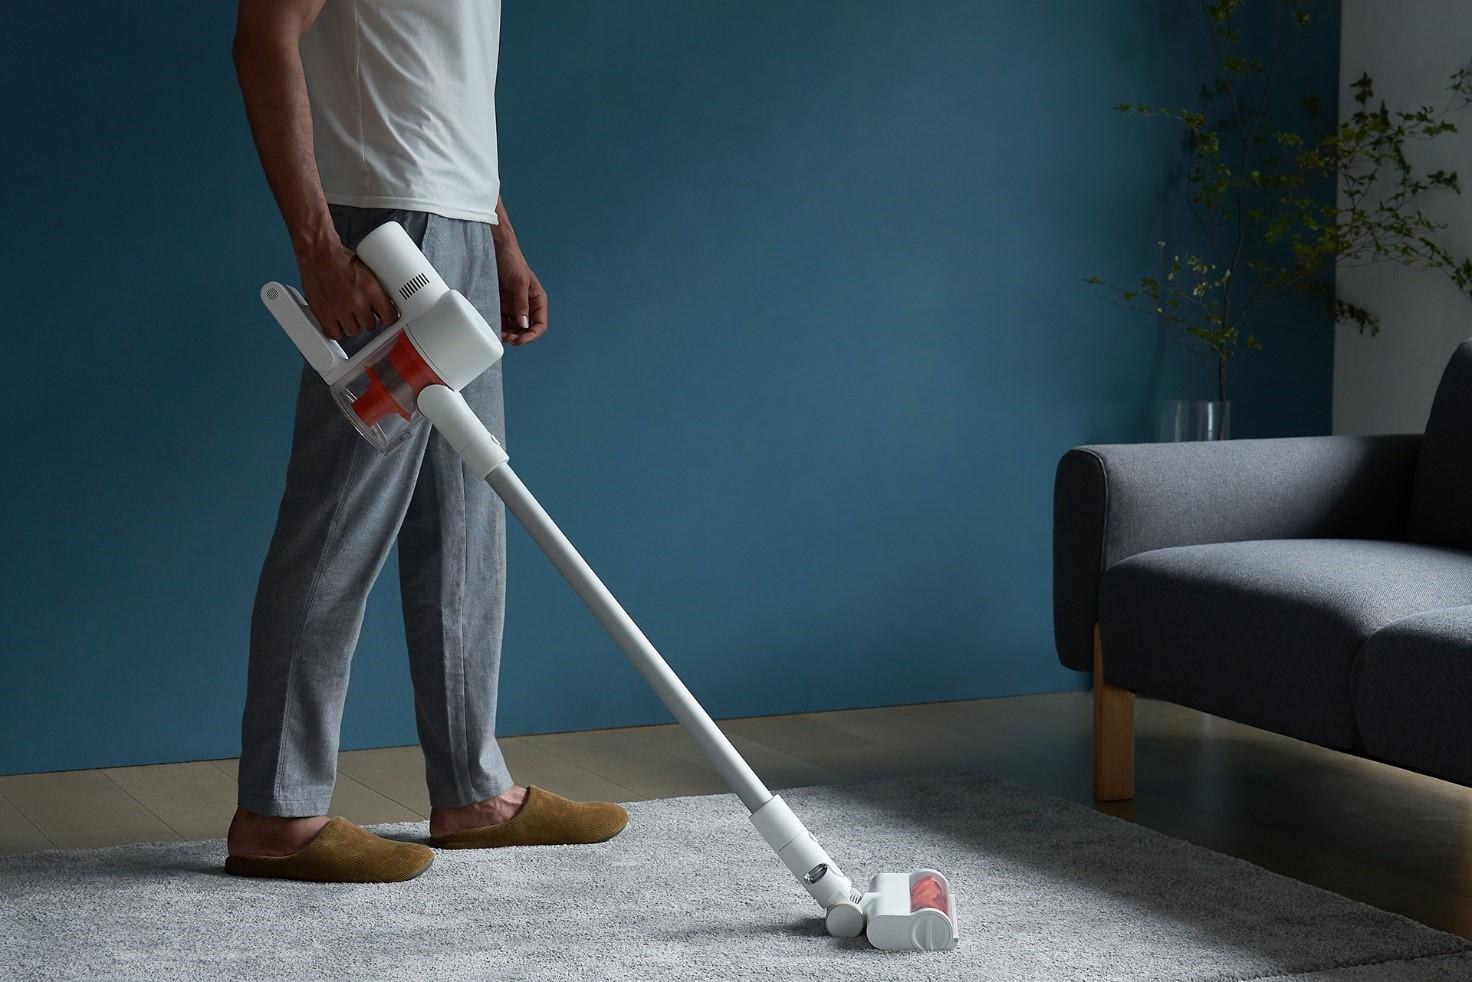 Mi-Vacuum-Cleaner-G10.jpg